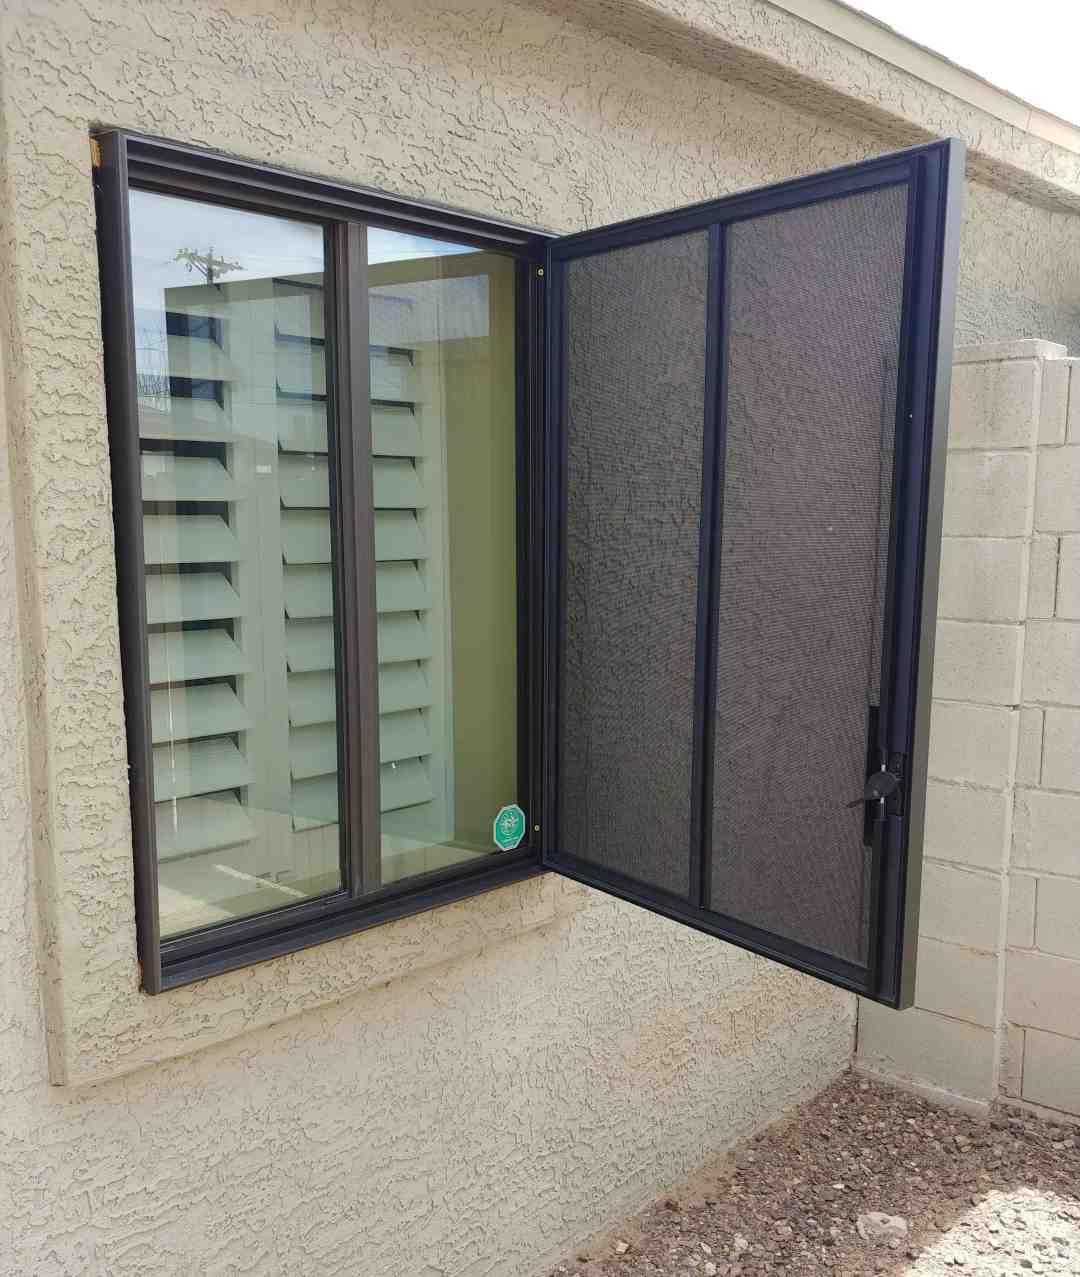 Las Vegas Fire Escape Security Window Screen